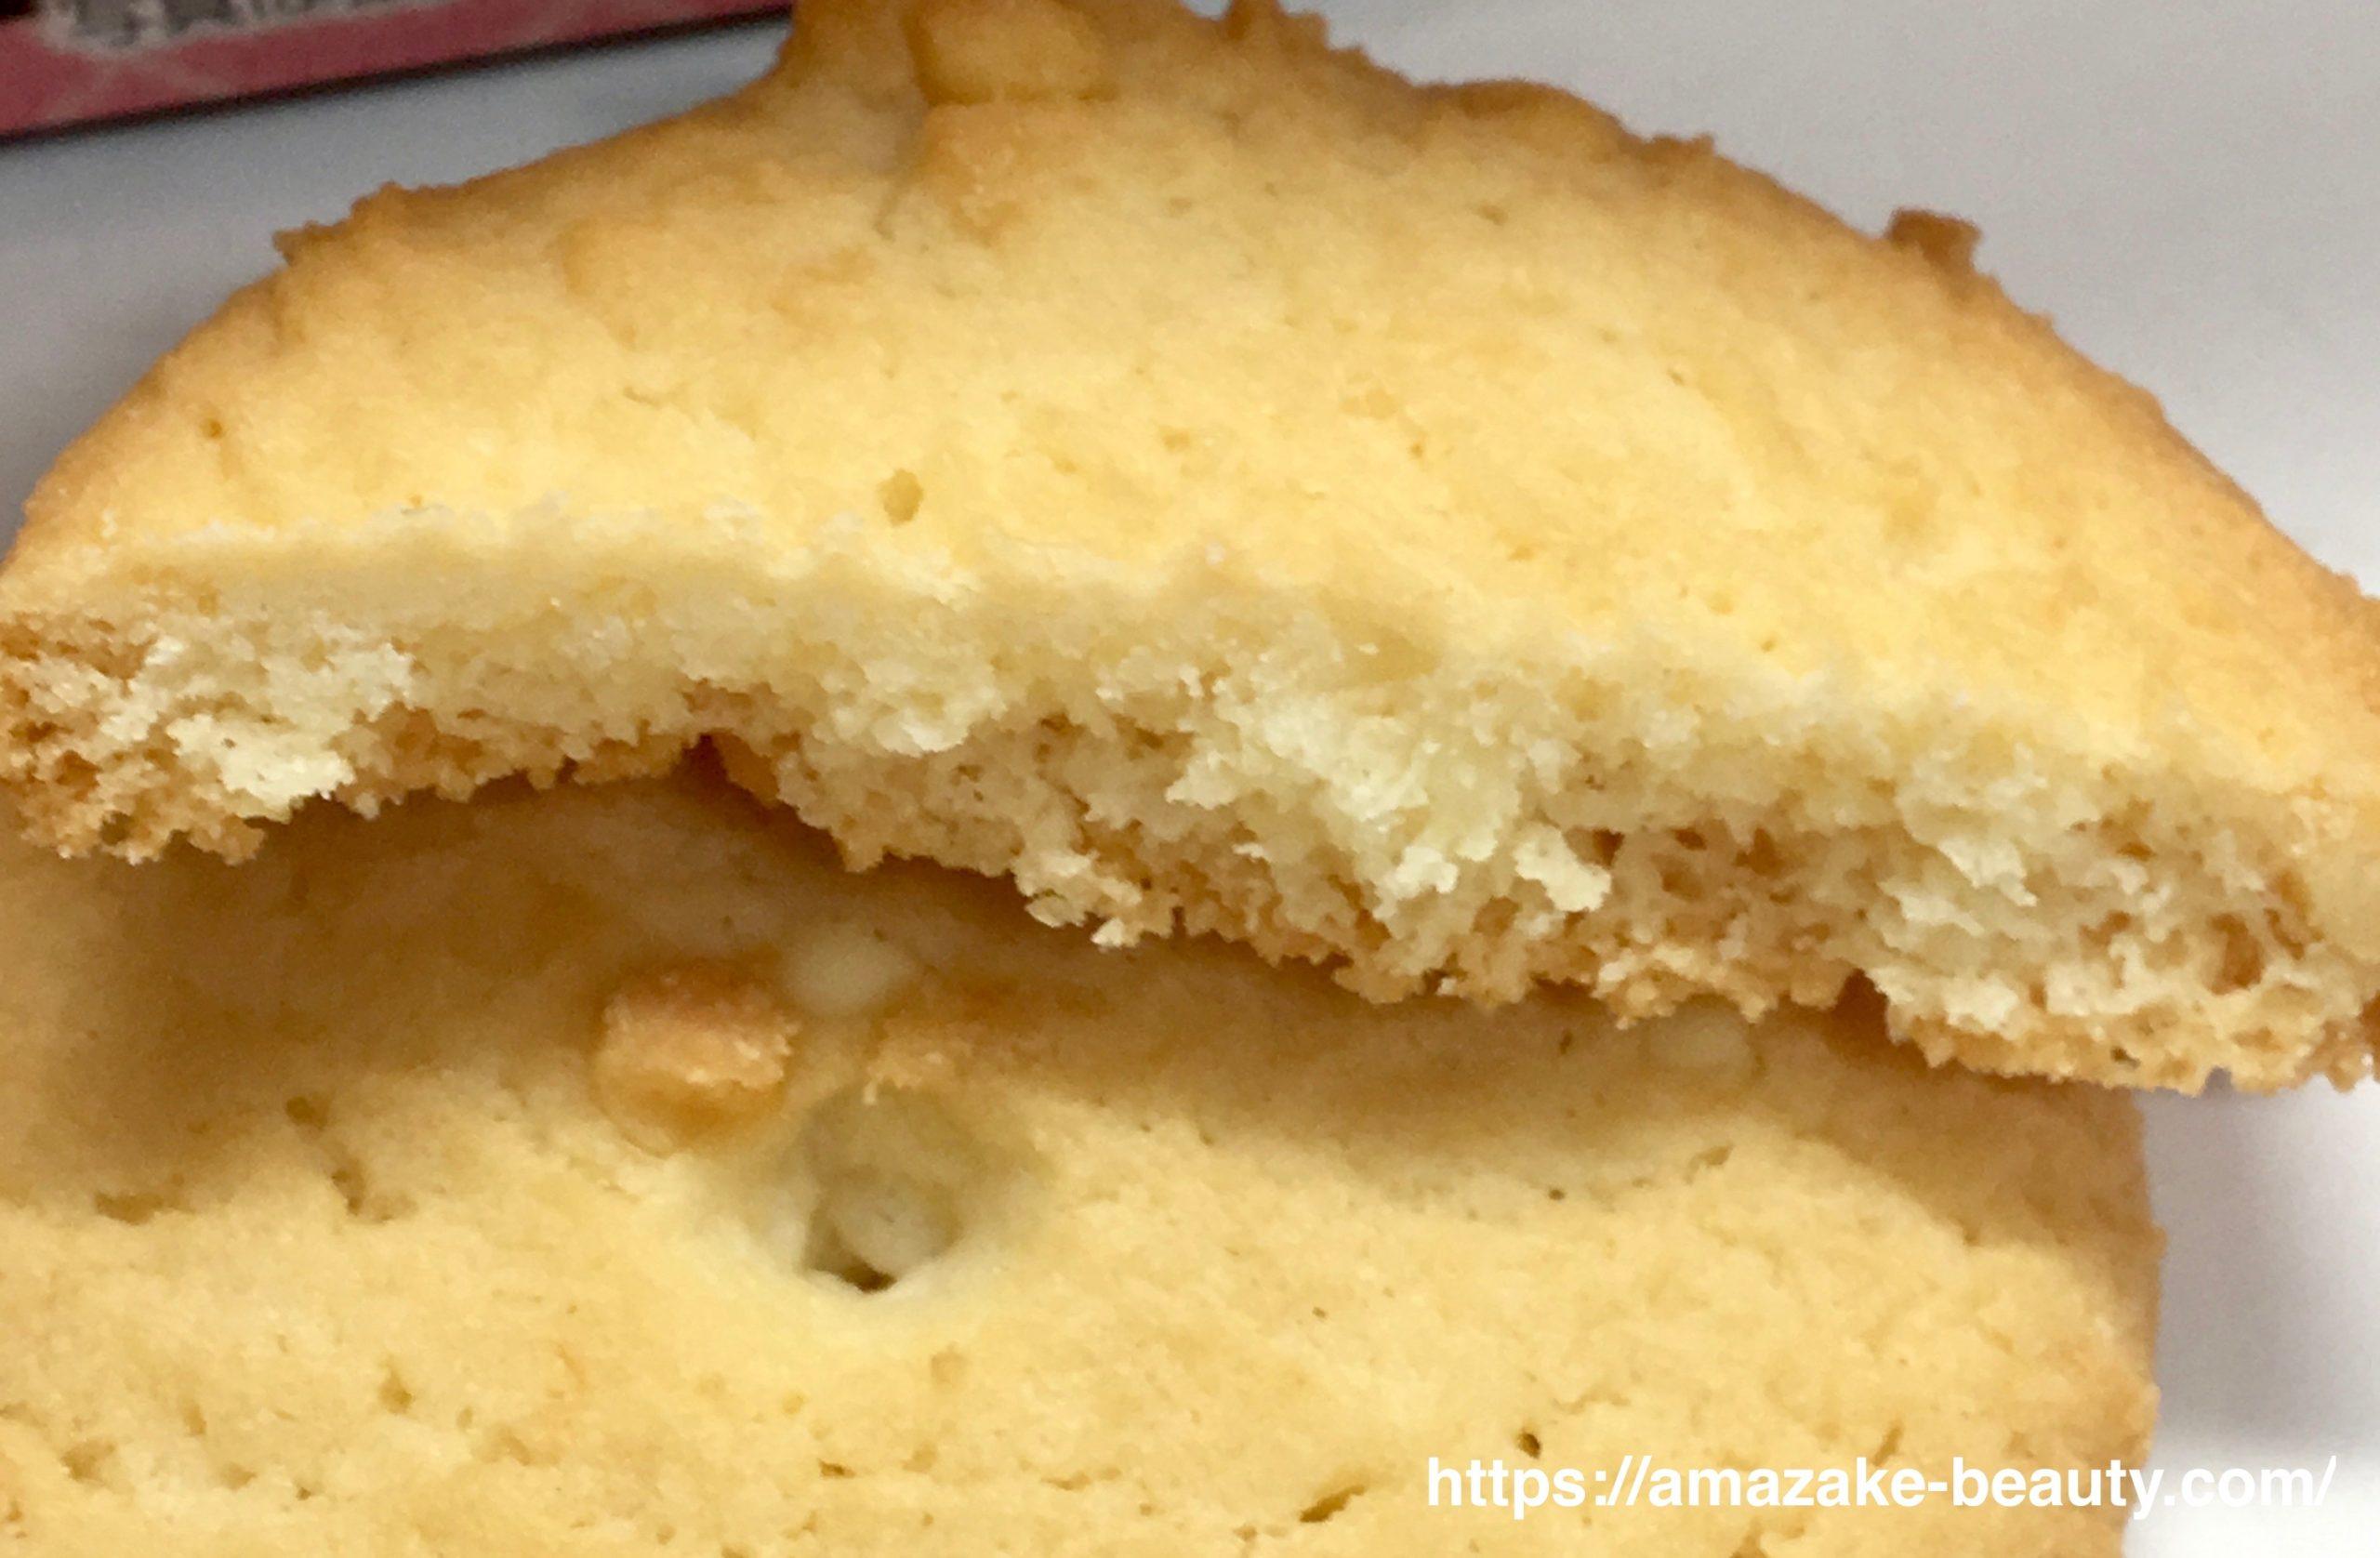 イトウ製菓『甘酒チョコチップクッキー』(食べた感想)